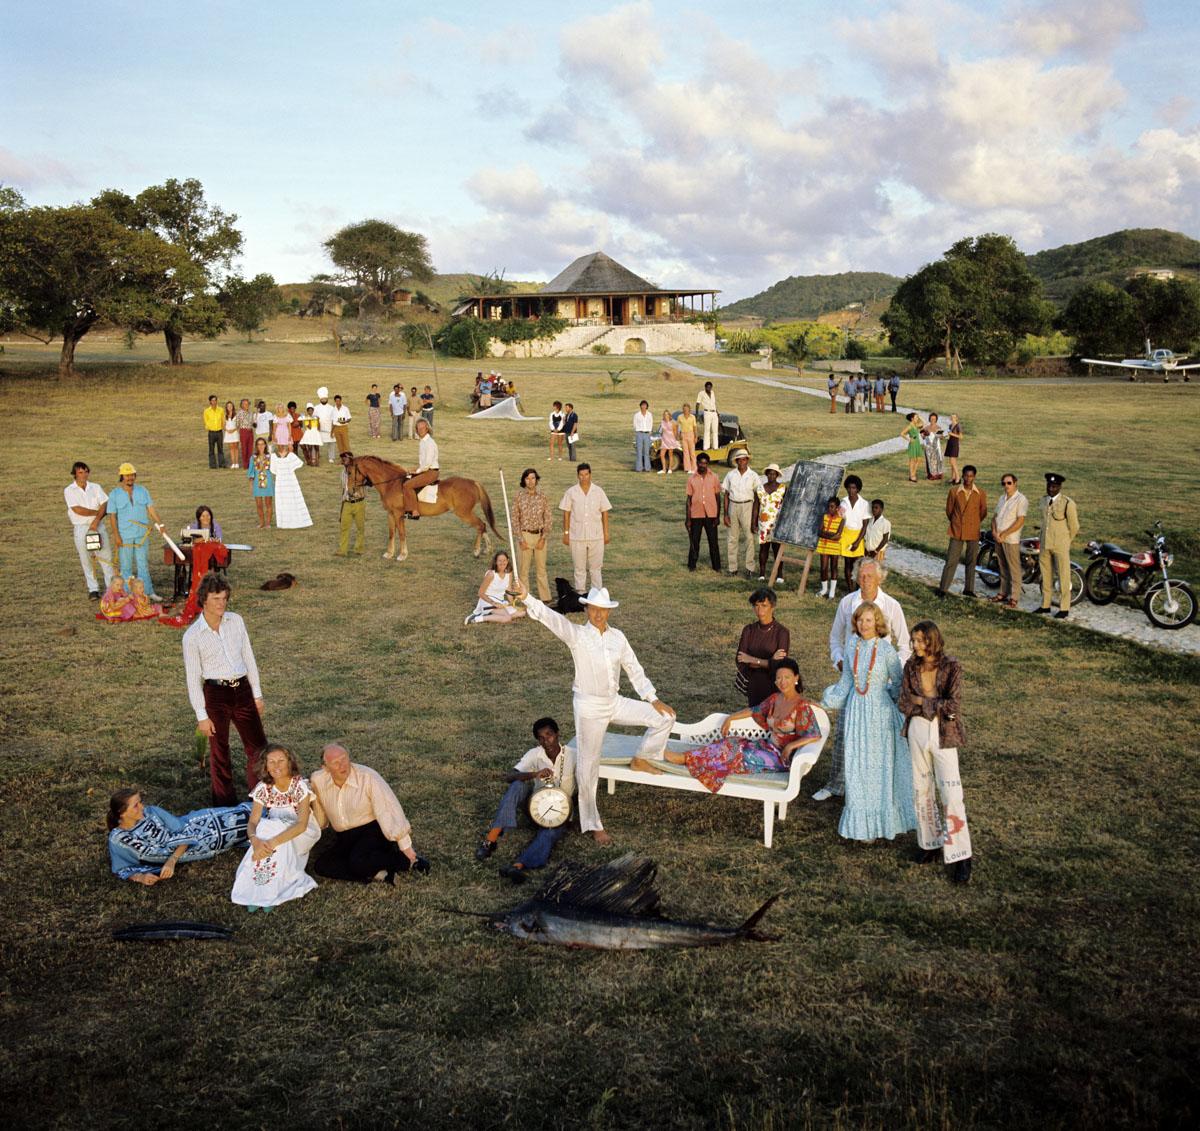 Patrick Lichfield - Mustique Group 1973 © Patrick Lichfield